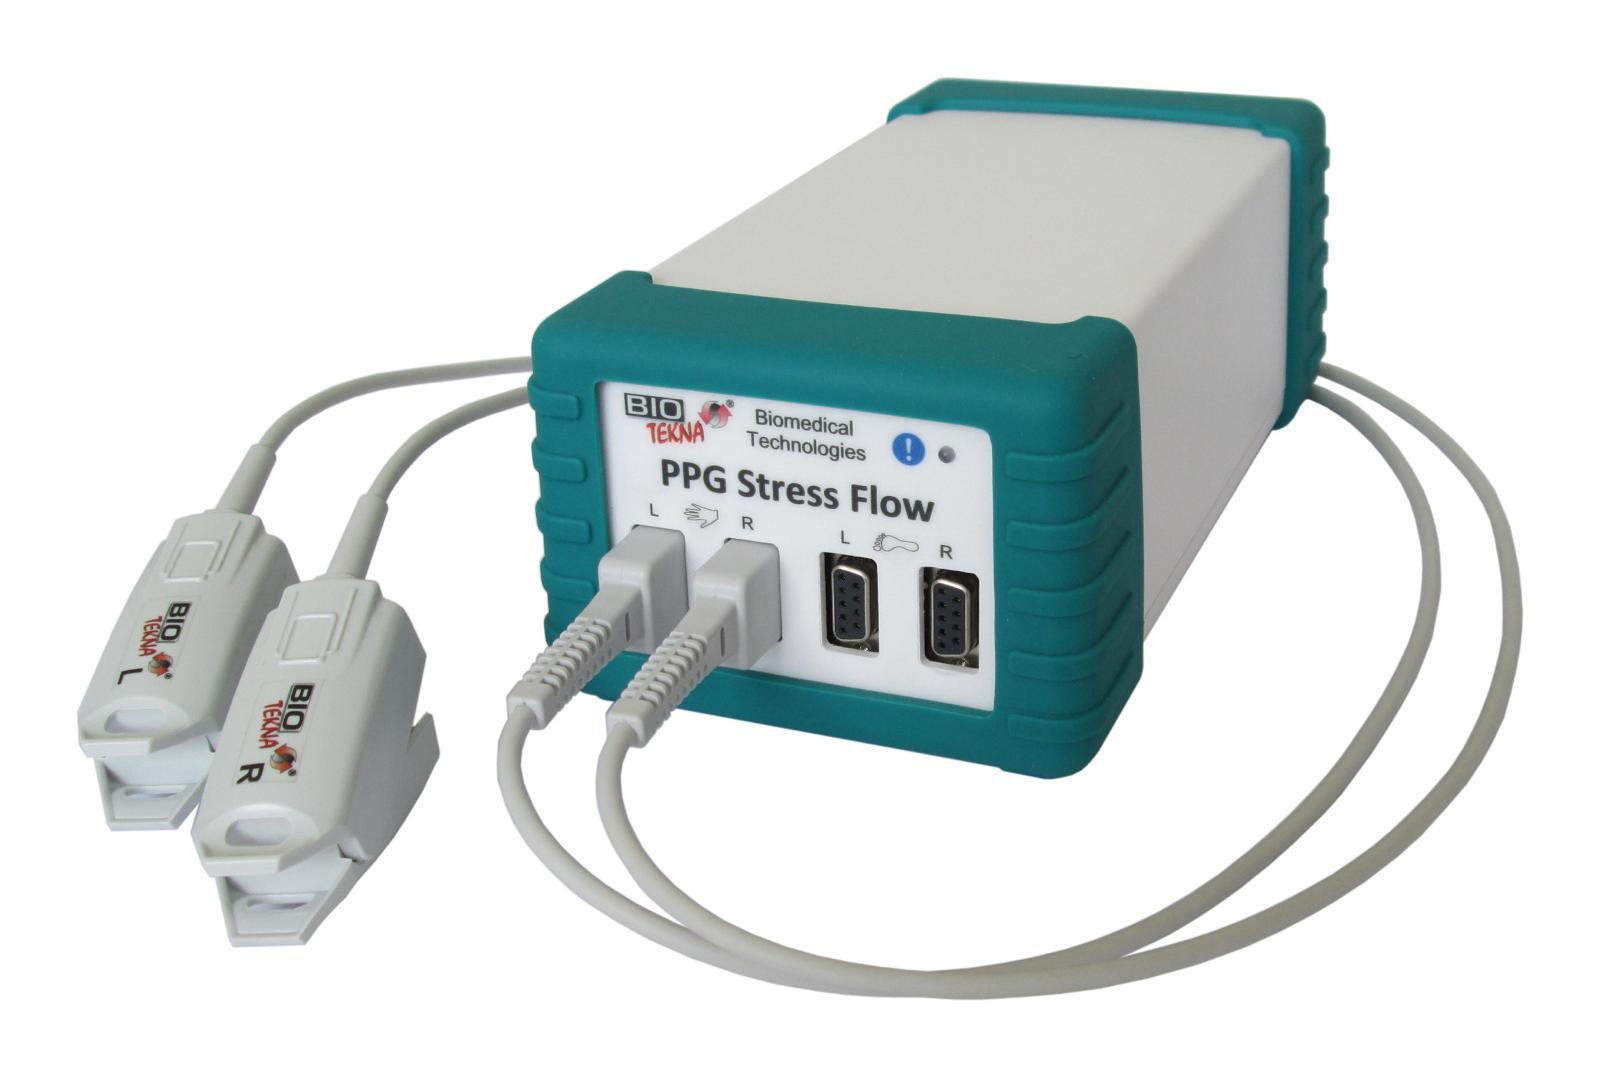 PPG StressFlow